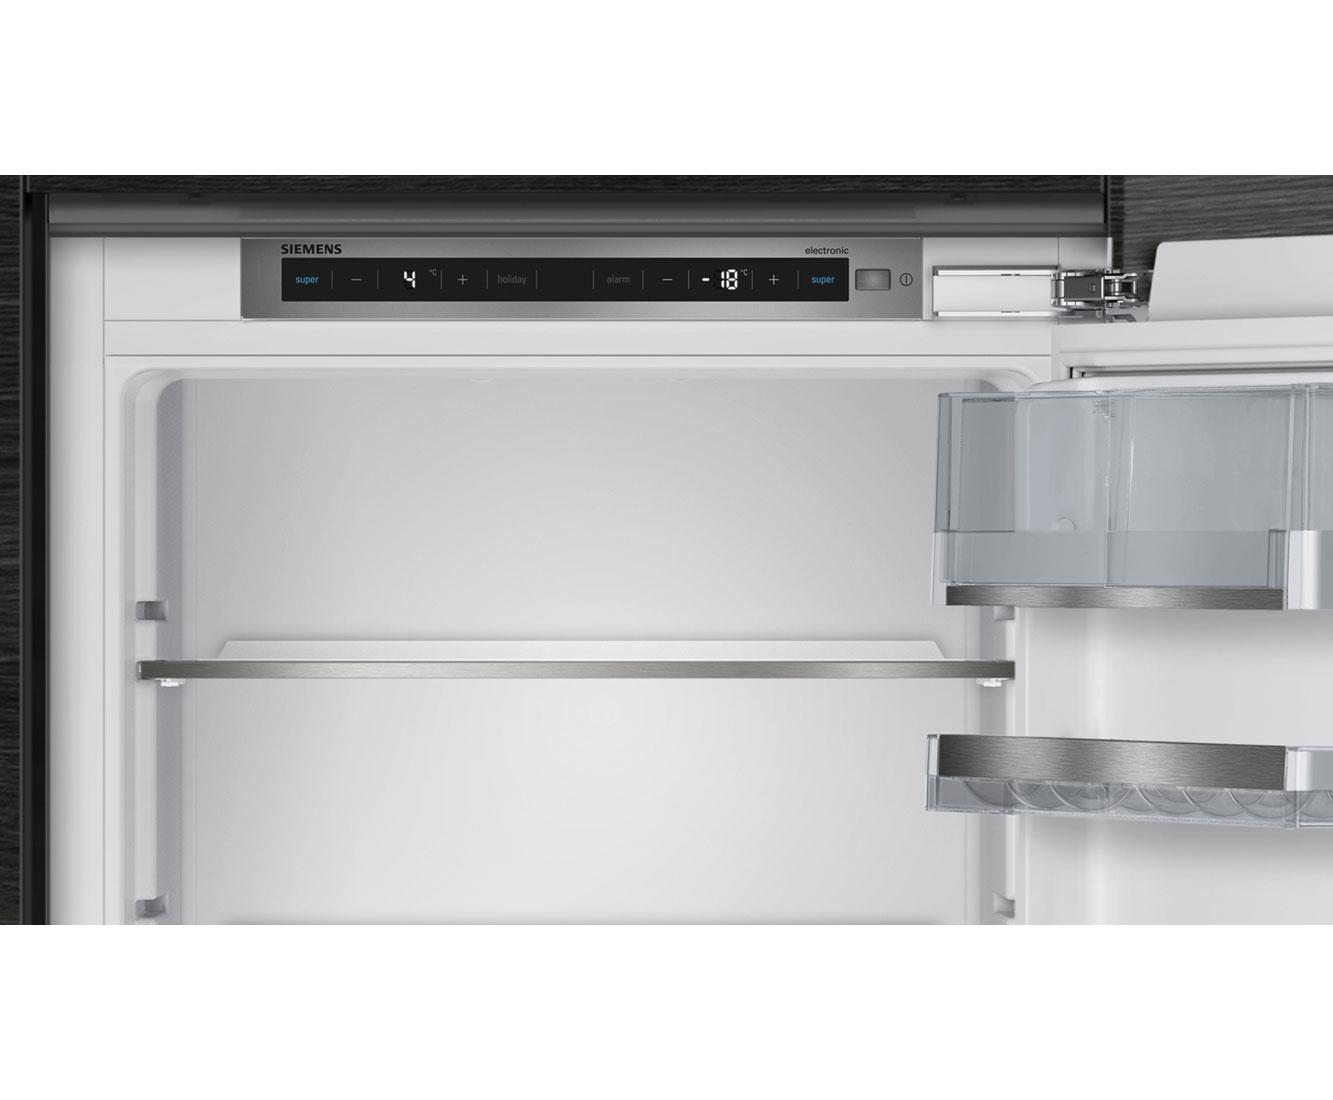 Siemens Kühlschrank Holiday Funktion : Siemens ki nad einbau kühl gefrierkombination mit no frost